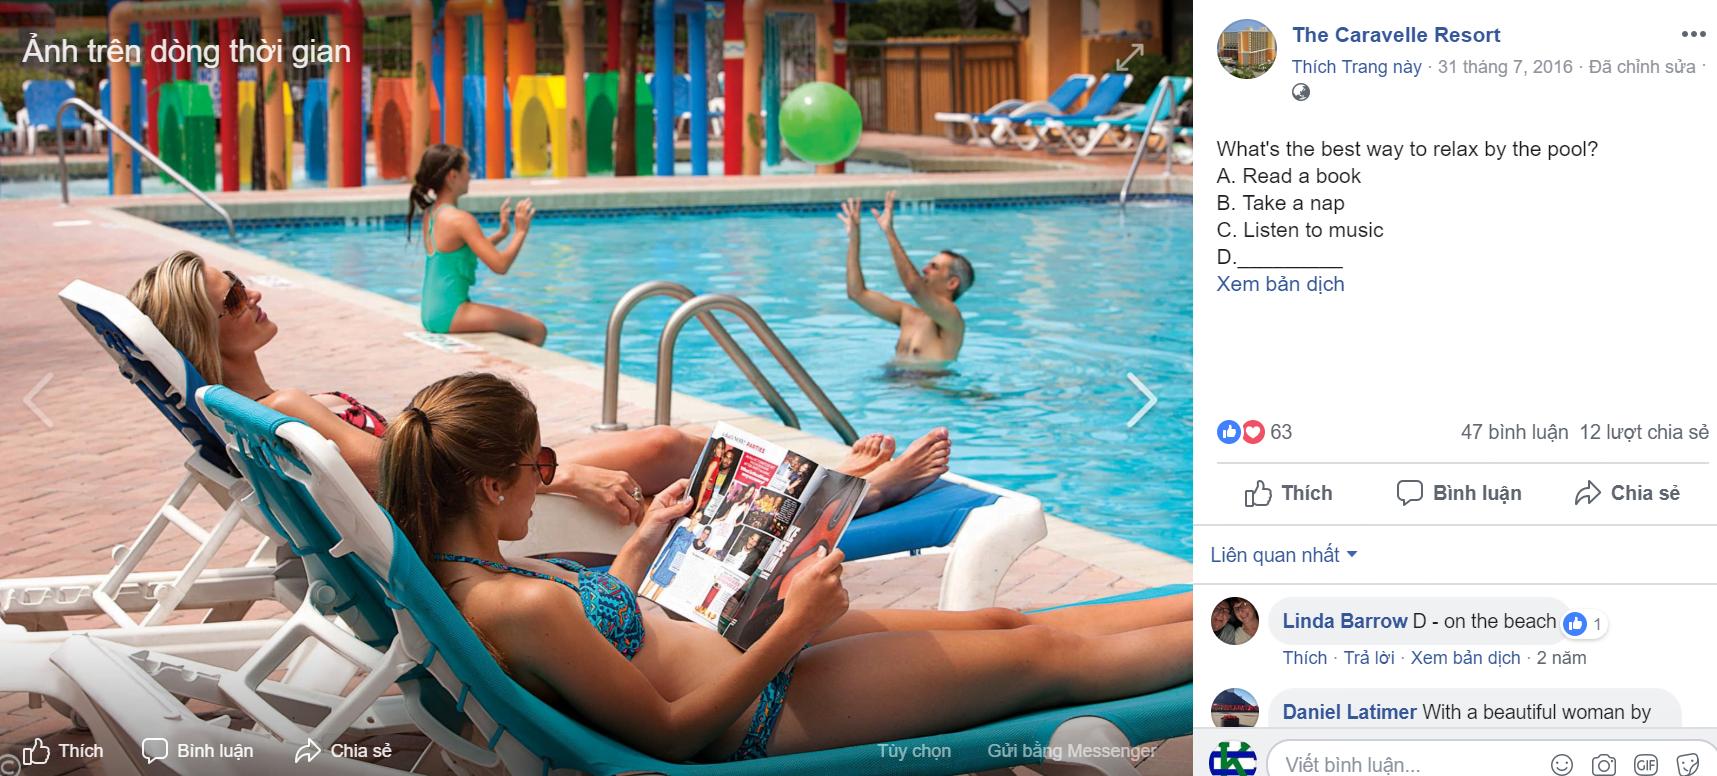 50 ý tưởng độc đáo giúp bạn quảng bá fanpage khách sạn